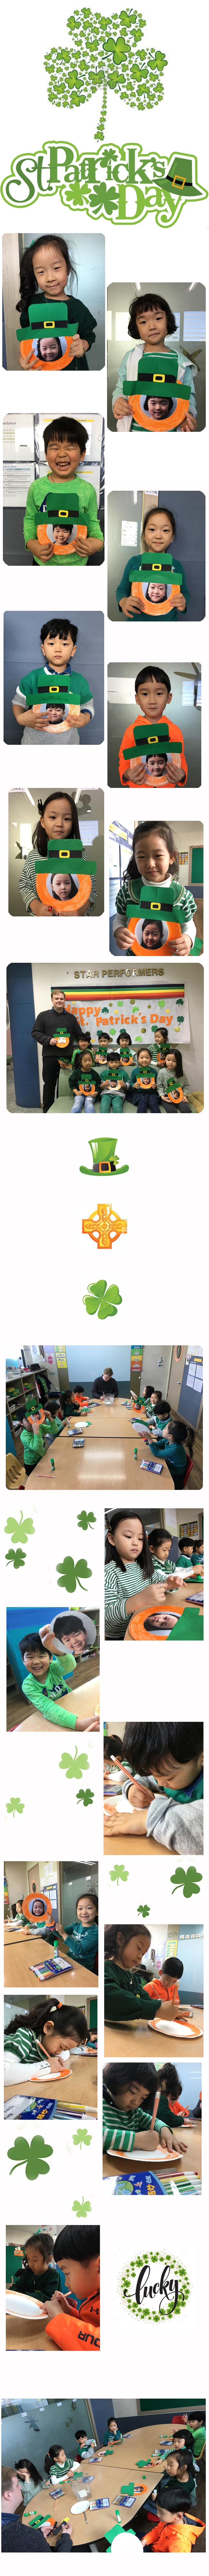 Patrick's.jpg